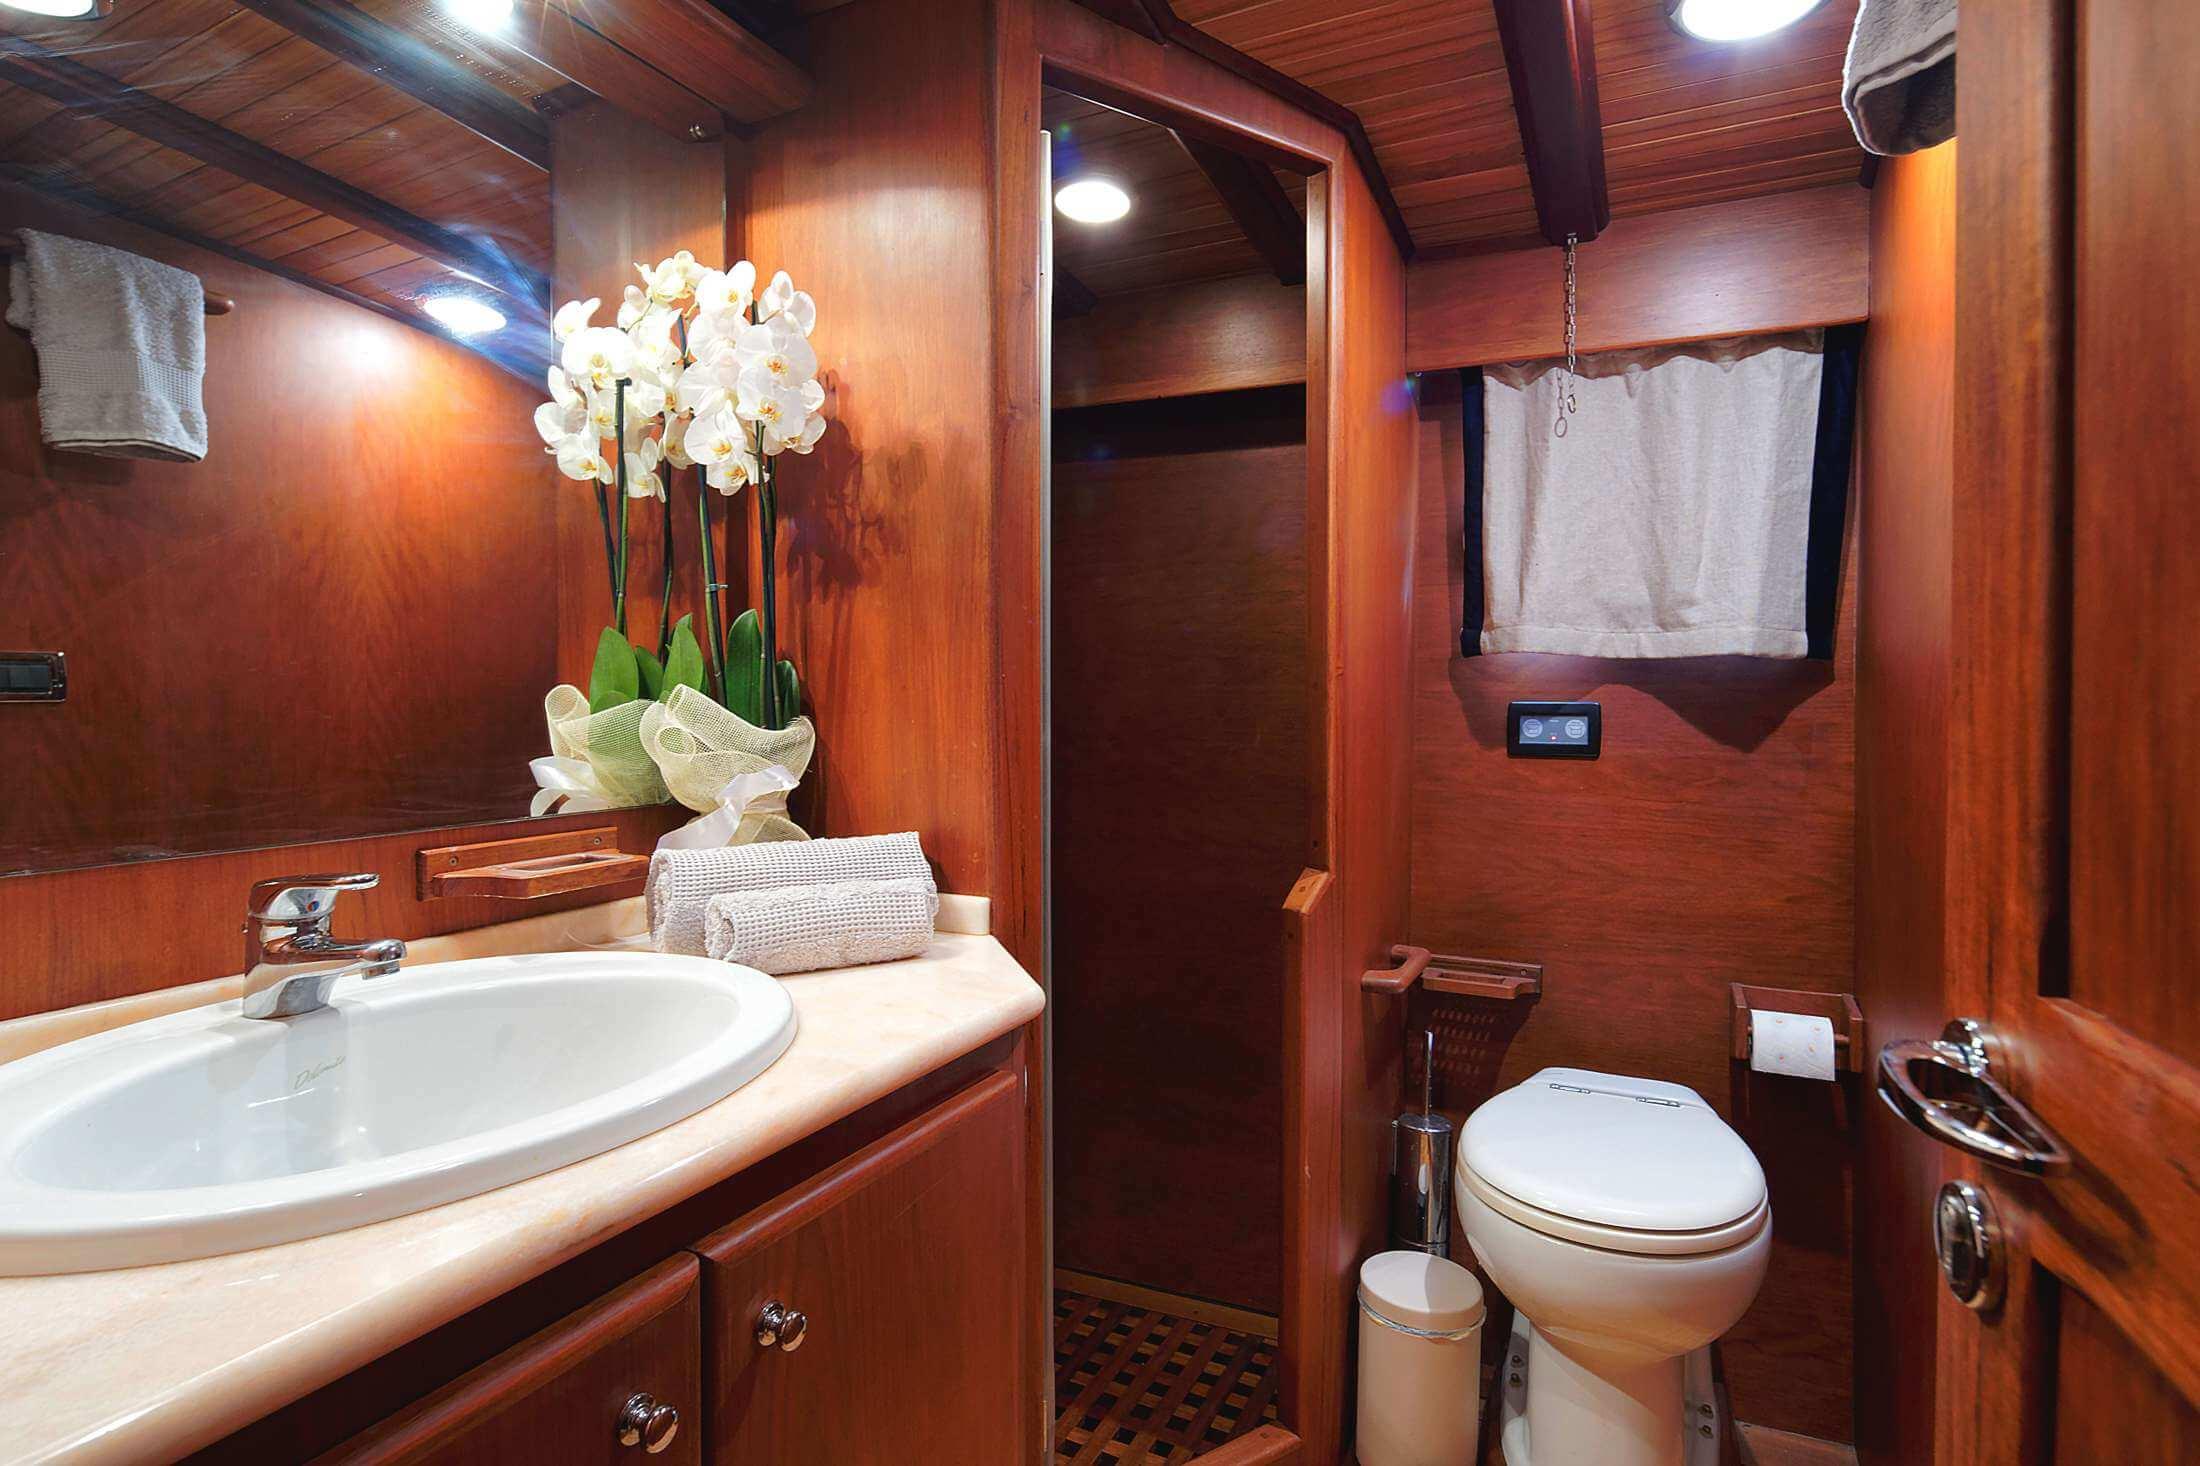 Guest En Suite Bathroom: Cabin Image Gallery